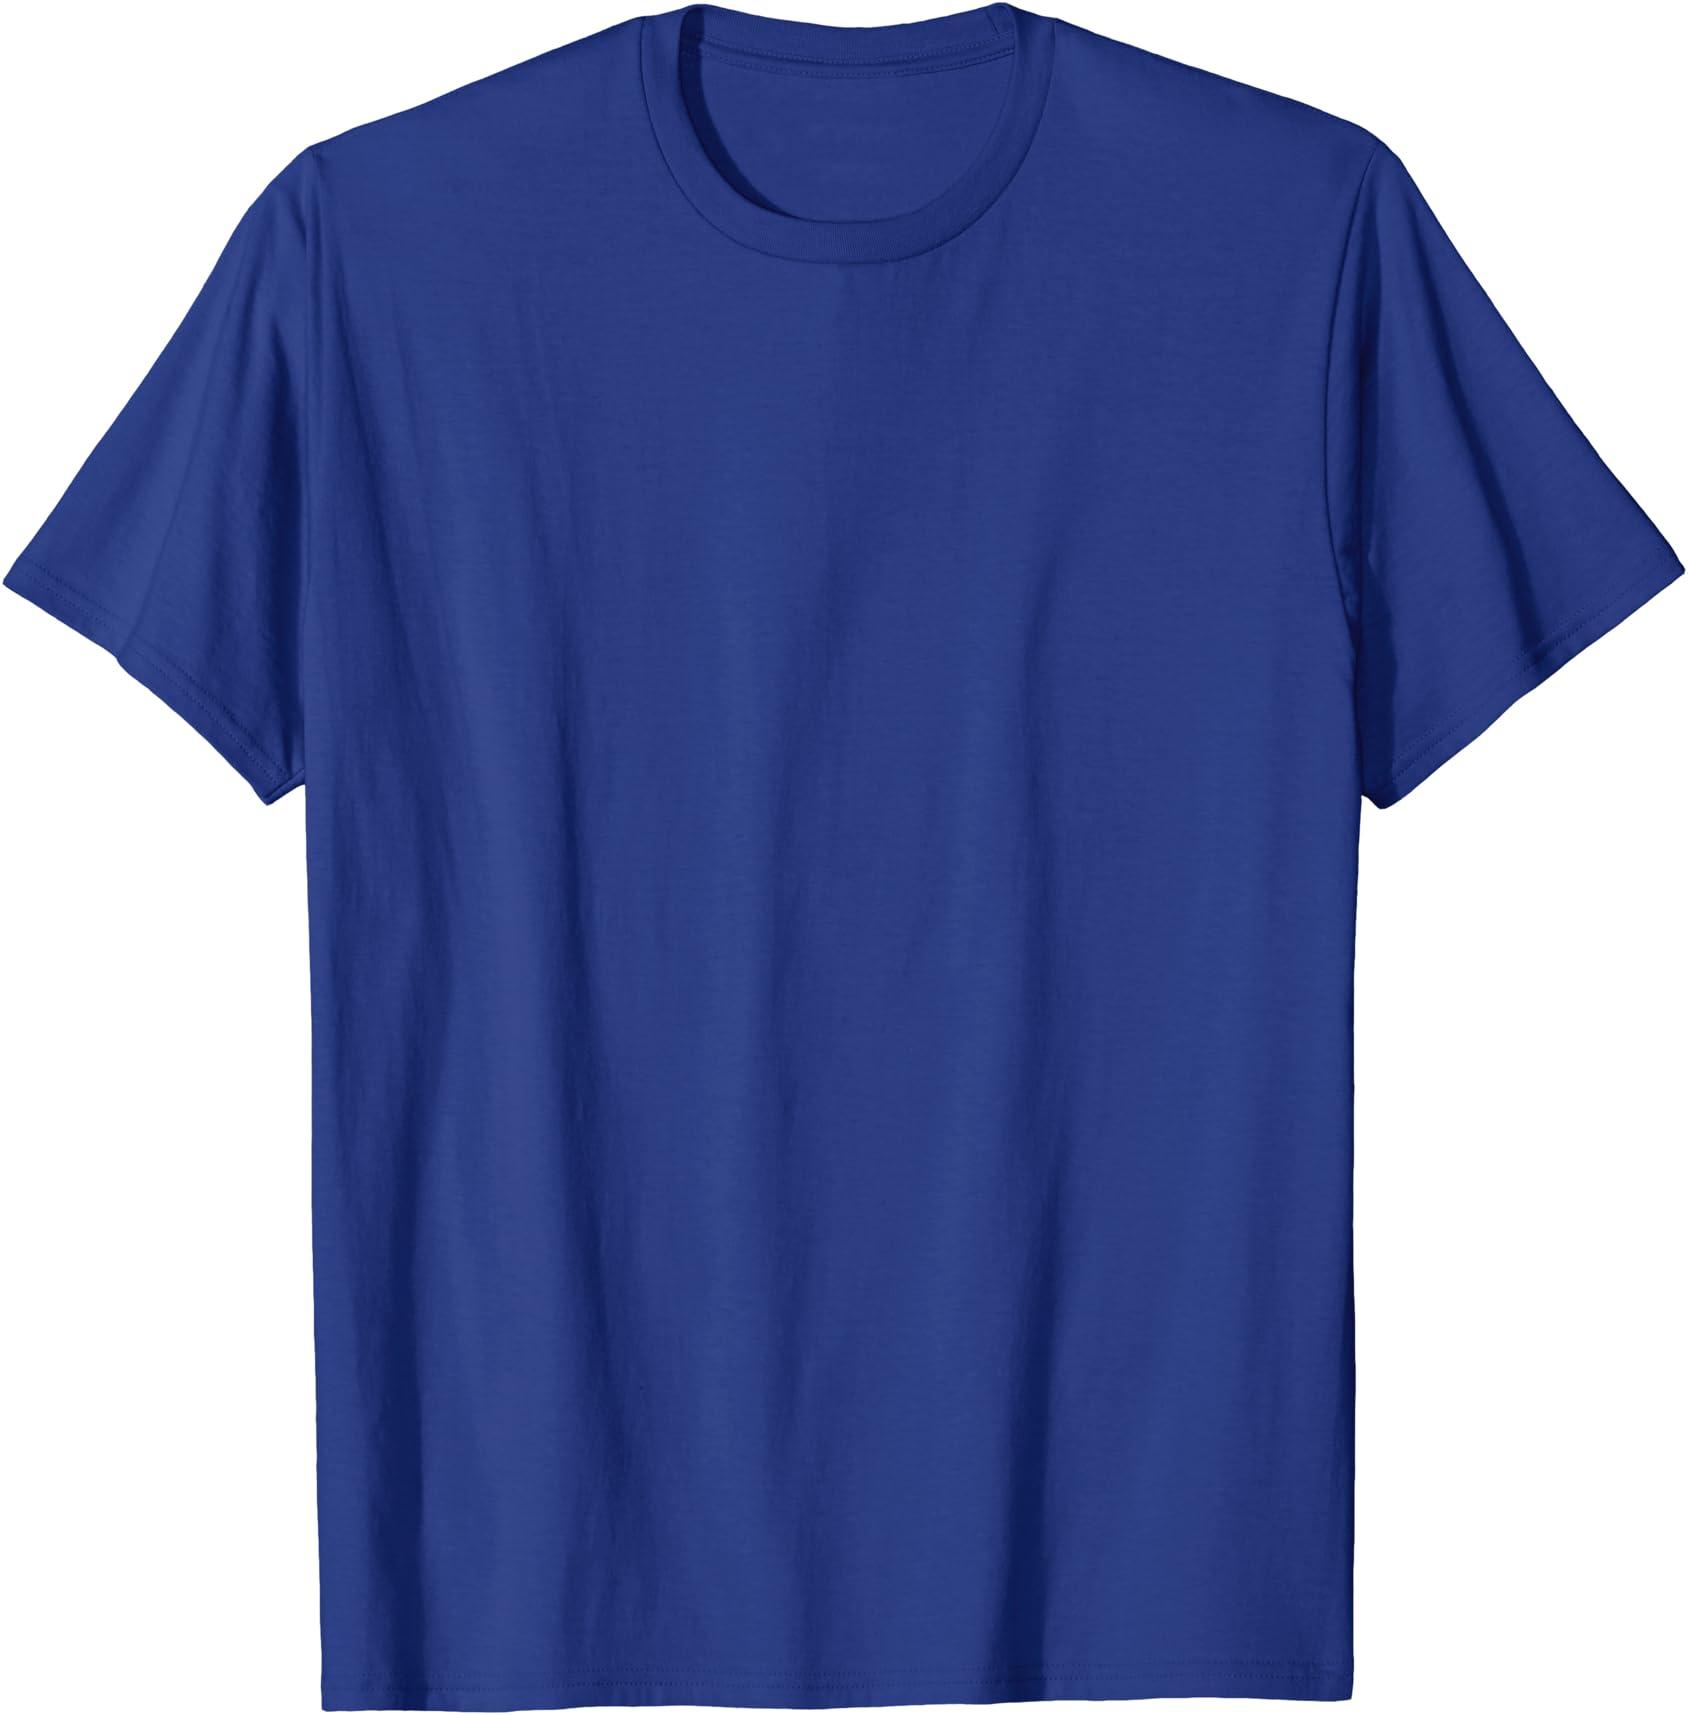 Girls Tee Top Trust Me I/'m A Gamer T-Shirt PC Controller Joystick Kids Boys